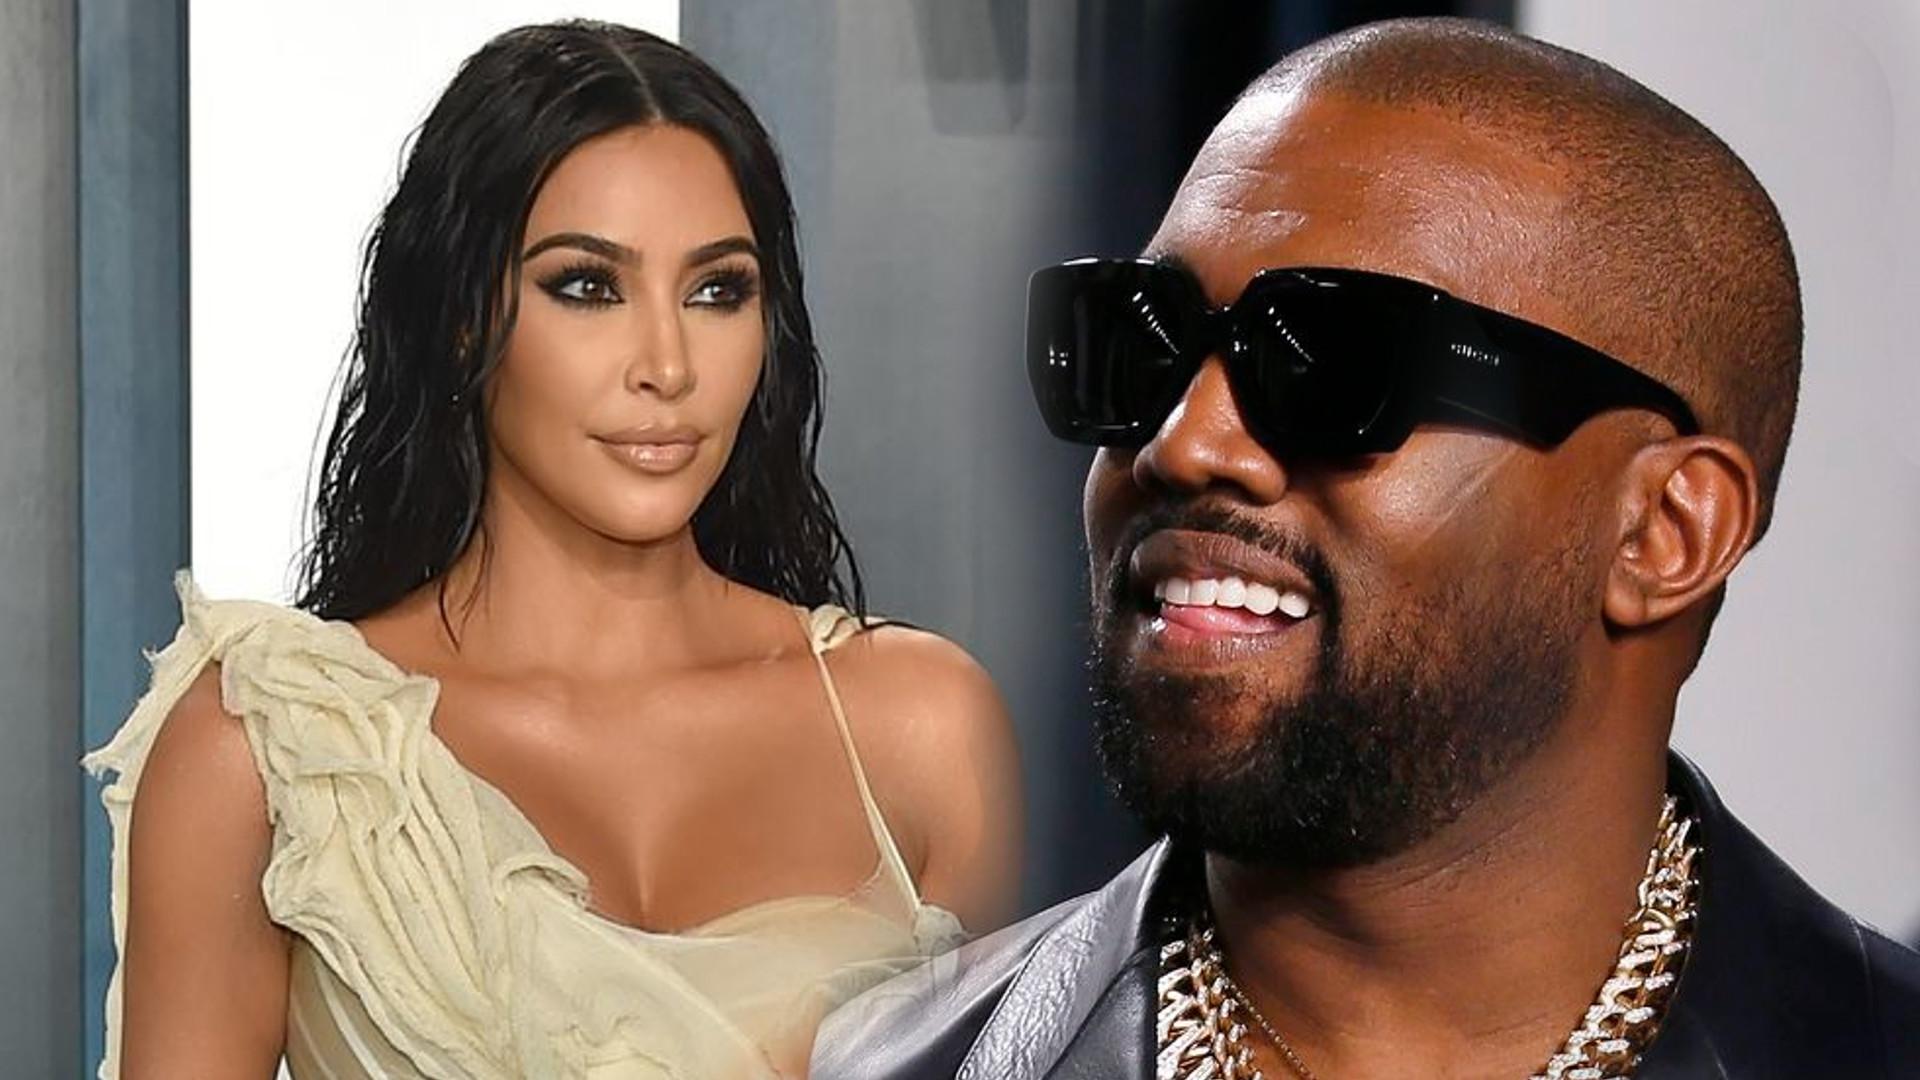 Mamy wspólne zdjęcie Kim Kardashian i Meek Milla – Kanye oskarżył ich o romans